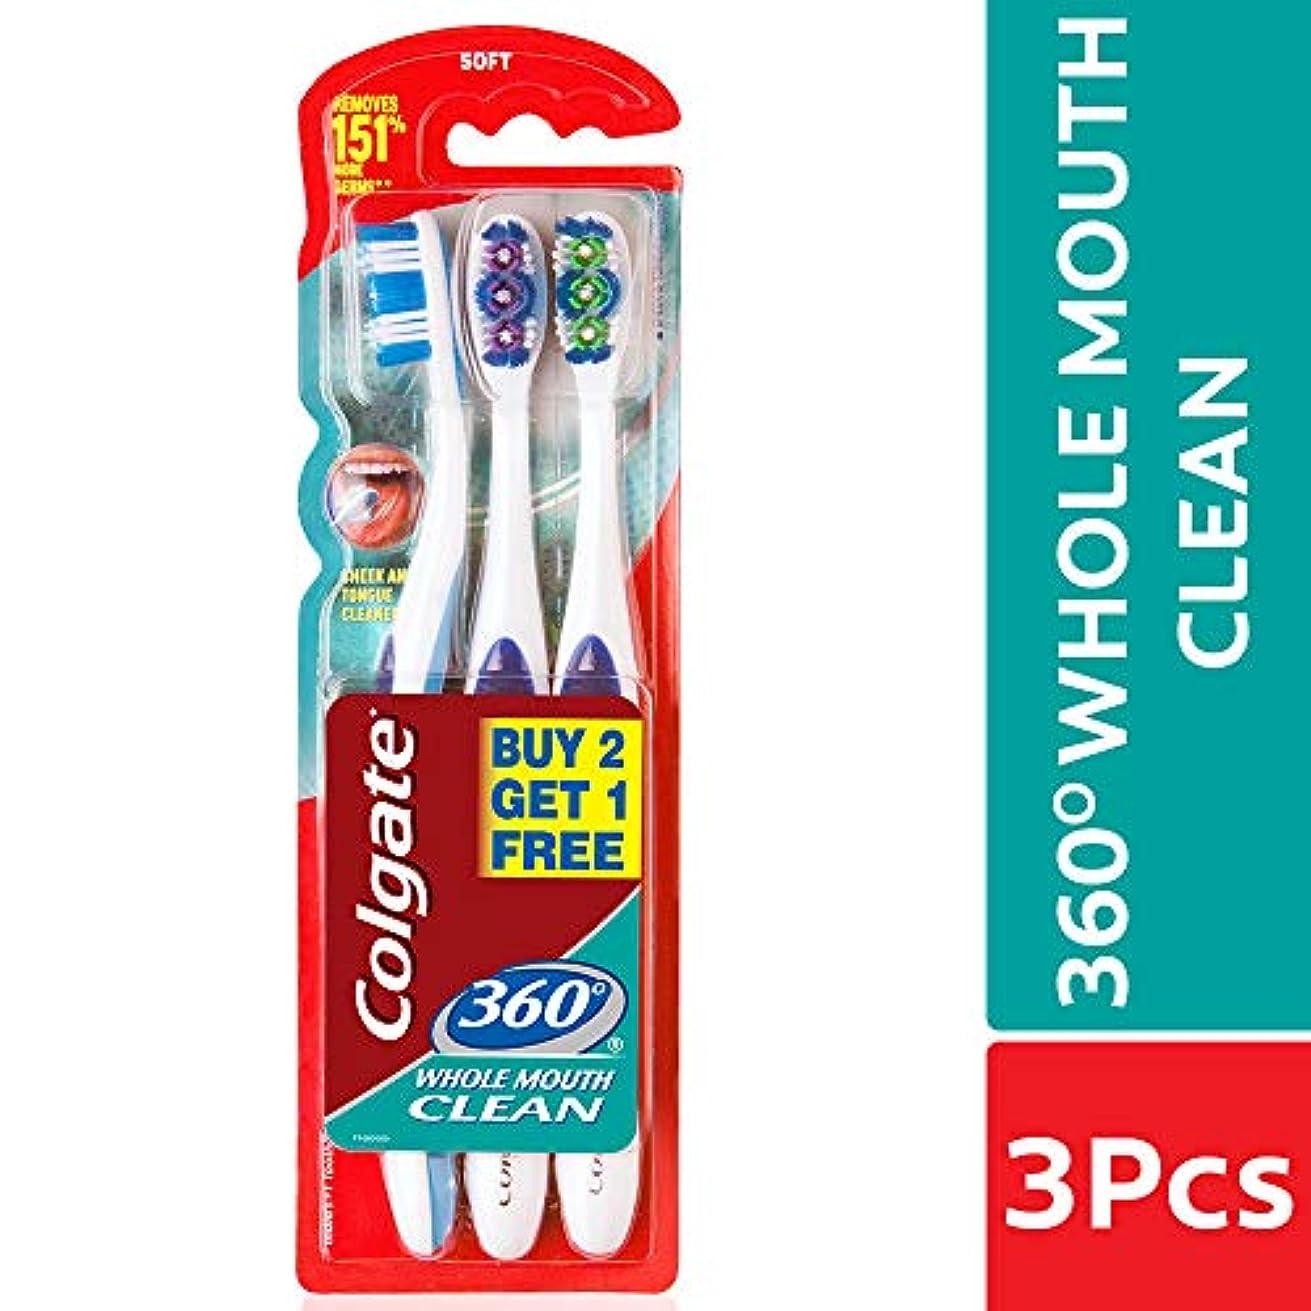 国勢調査会議メイドColgate 360 whole mouth clean (MEDIUM) toothbrush (3pc pack)